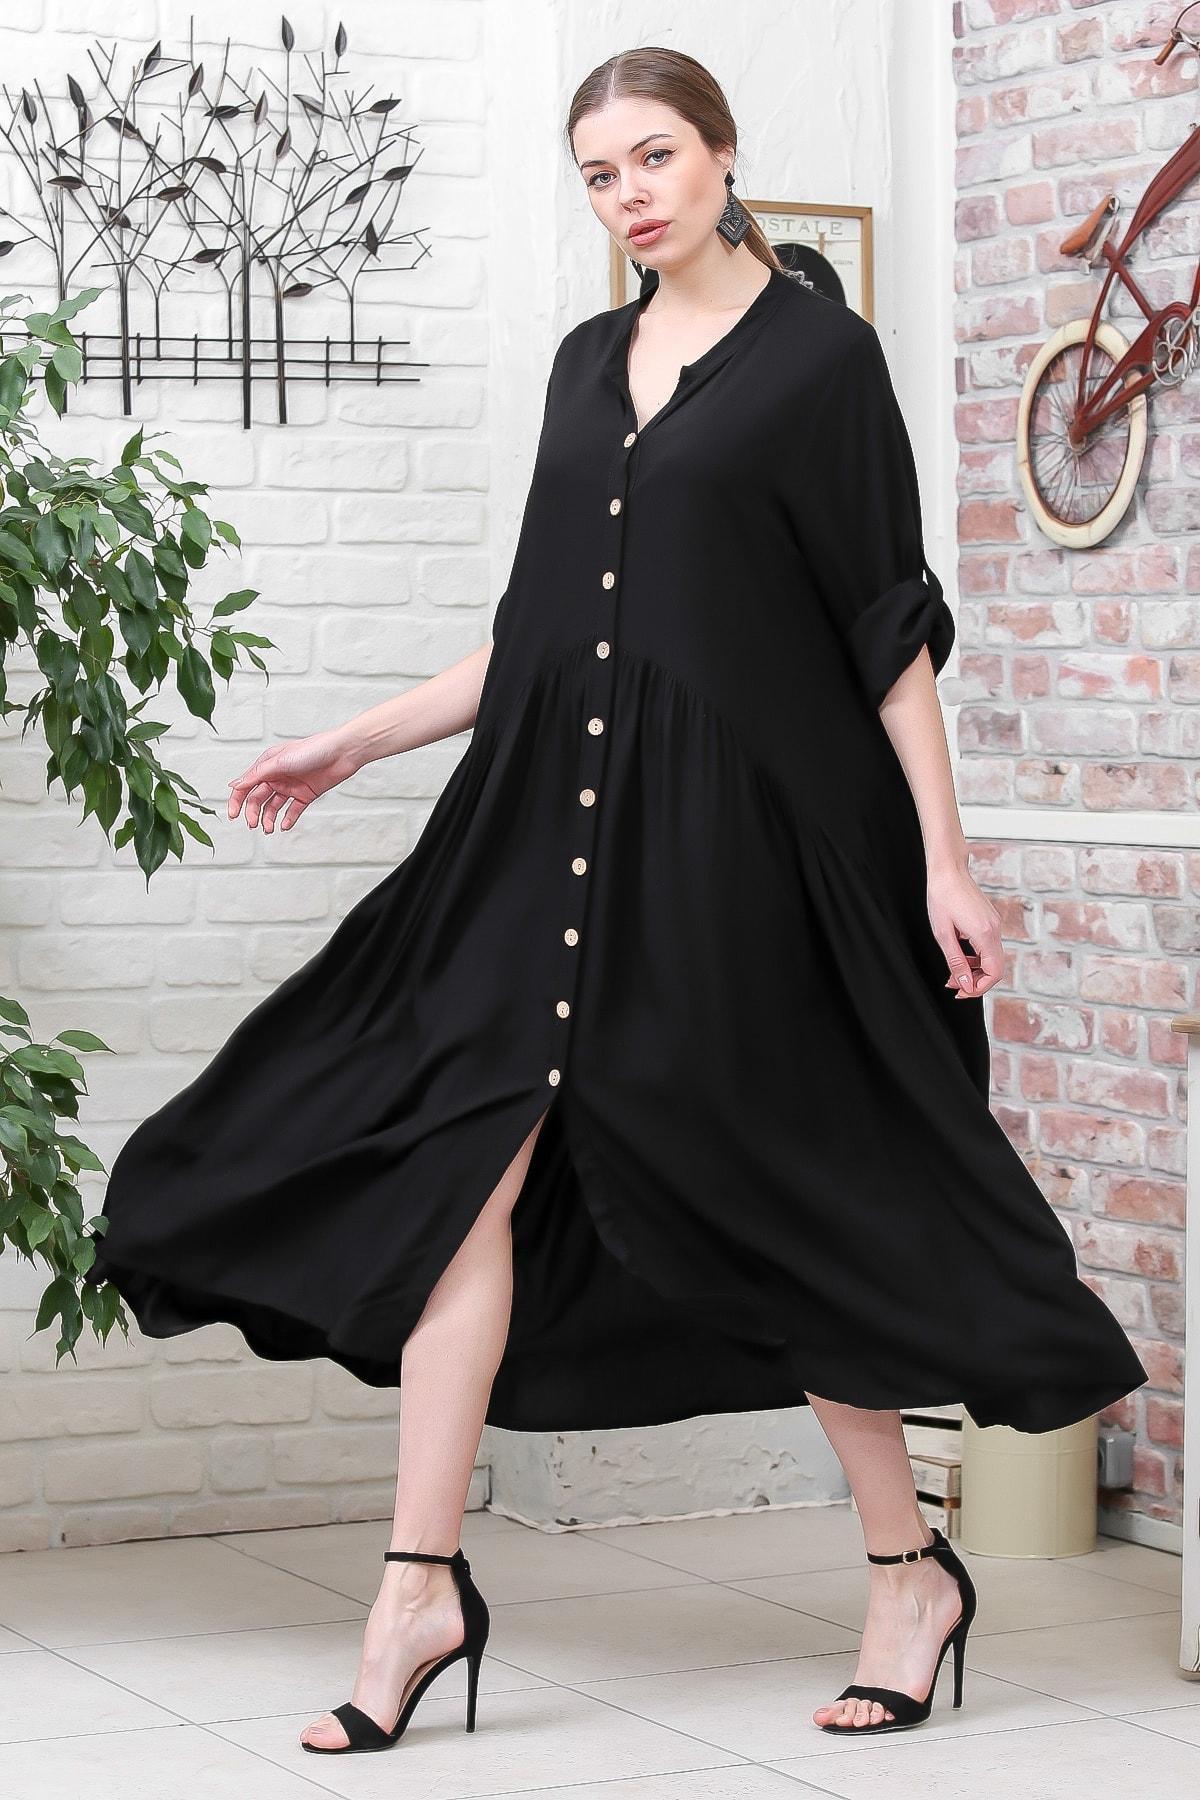 Chiccy Kadın Siyah Bohem Ahşap Düğmeli Büzgülü Salaş Elbise M10160000EL95595